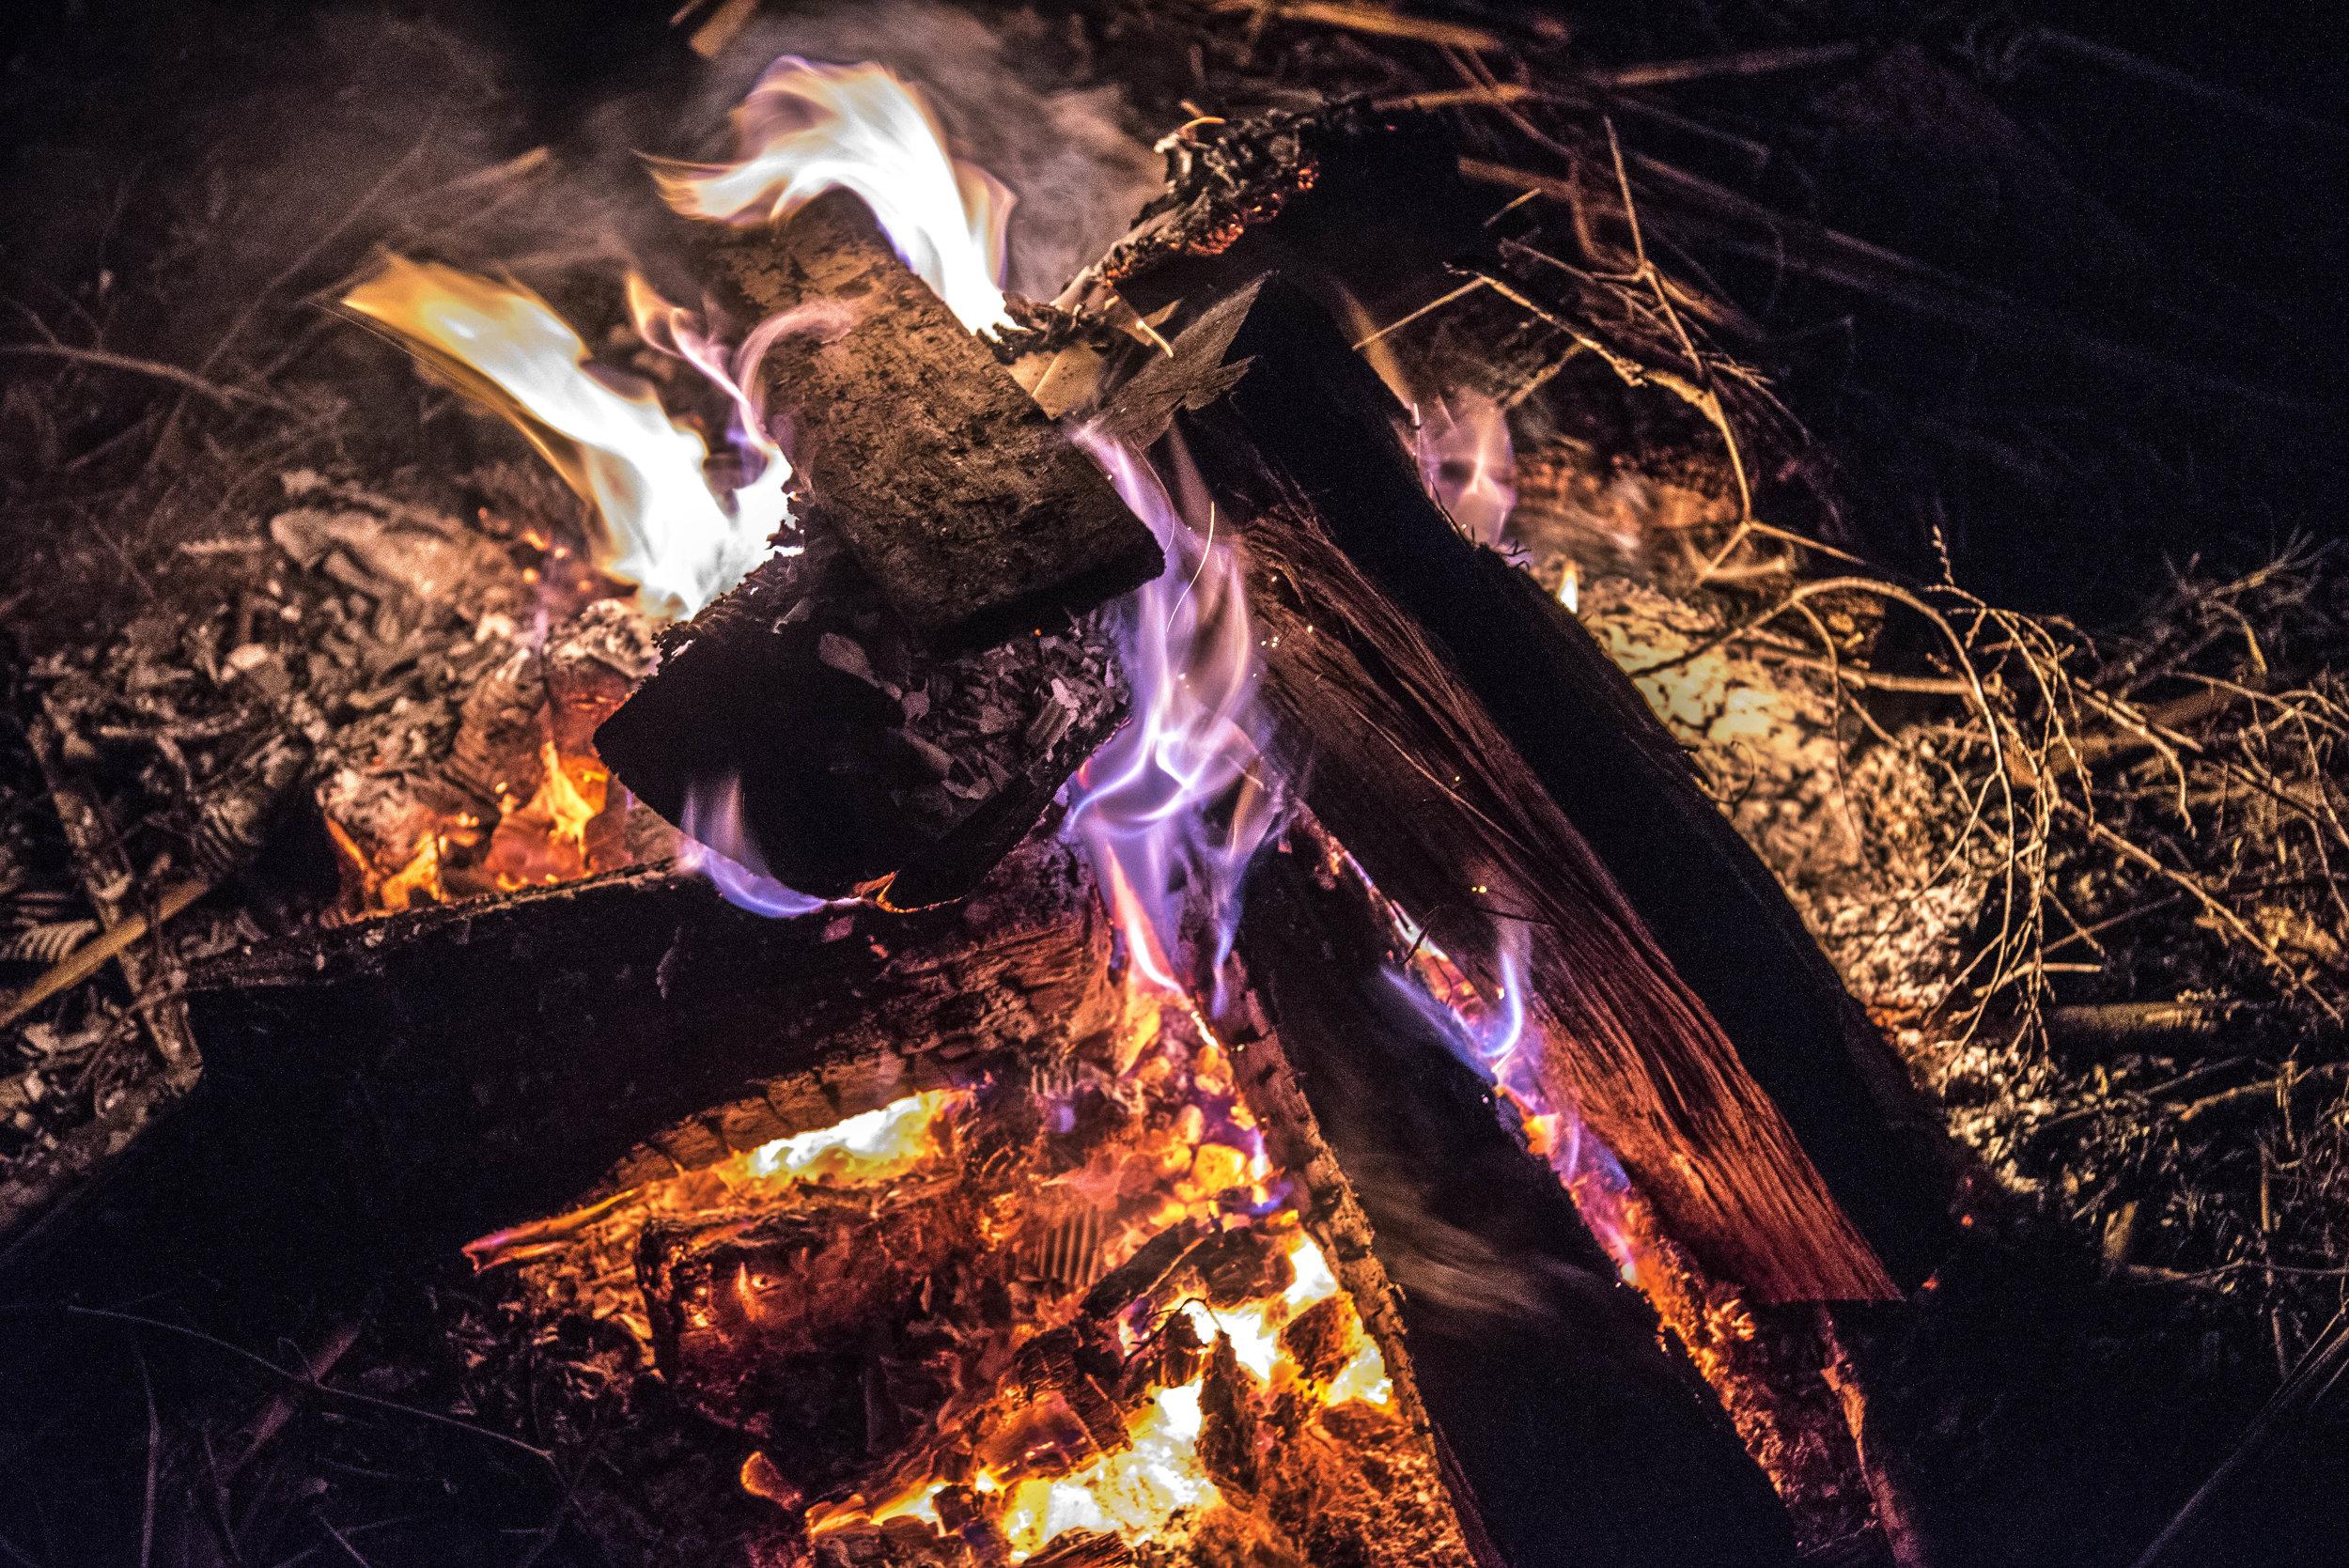 FIREsmaller.jpg